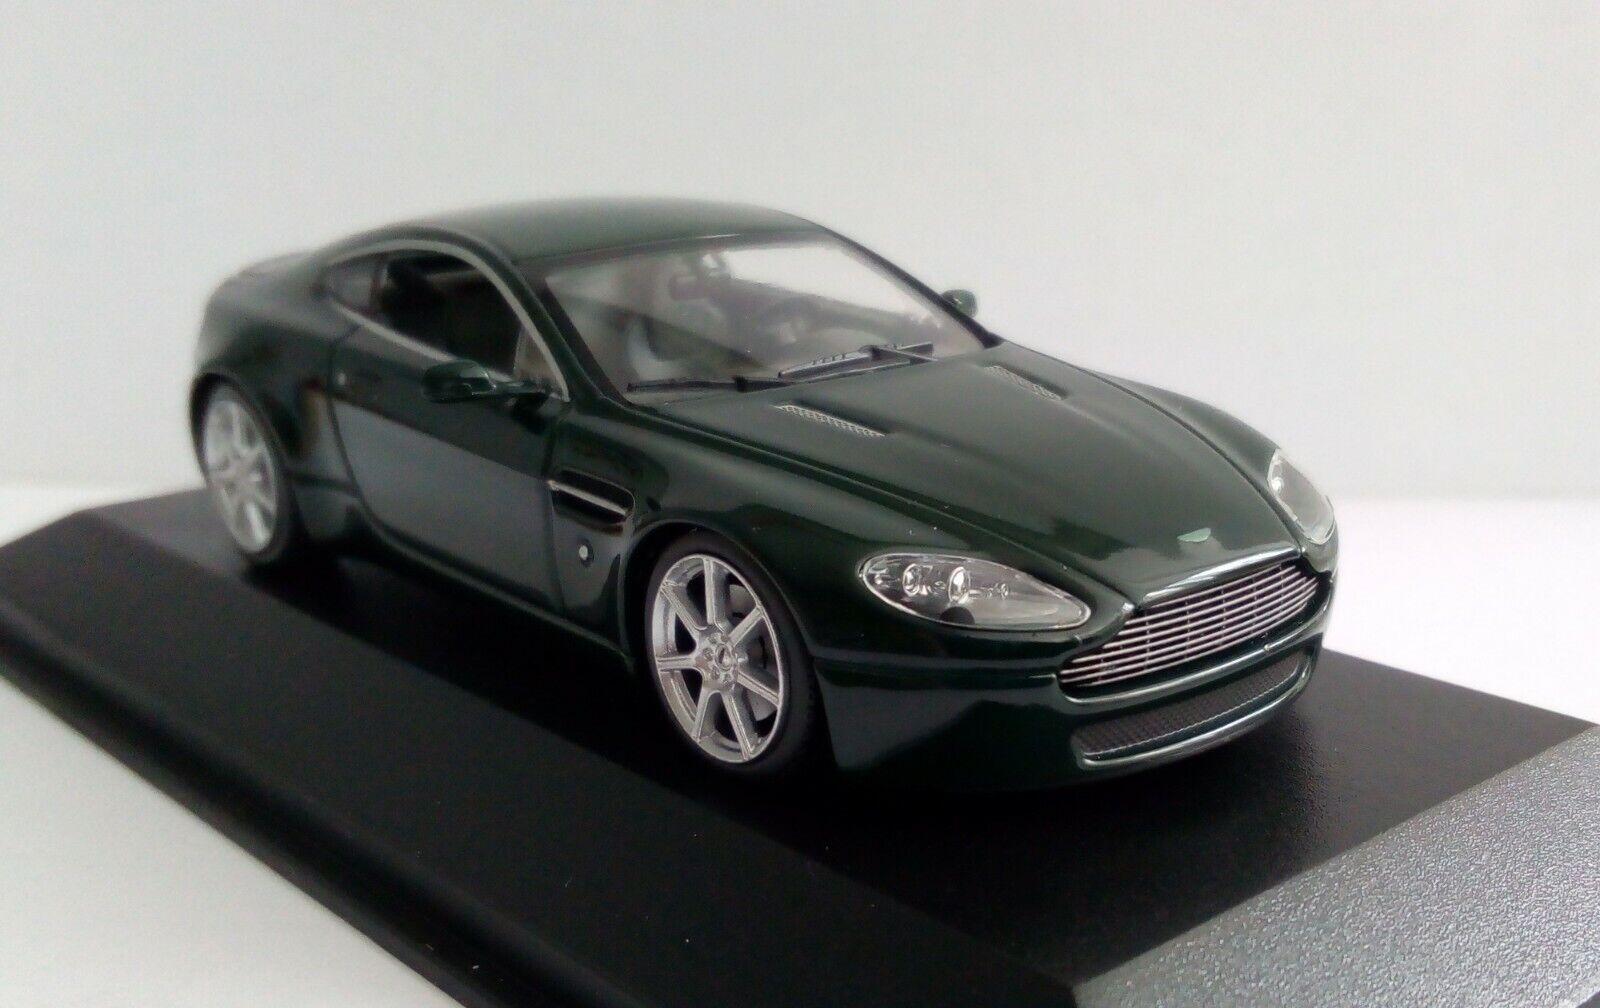 Rare MINICHAMPS 400 137424 1 43 Aston Martin V8 Vantage green 2005